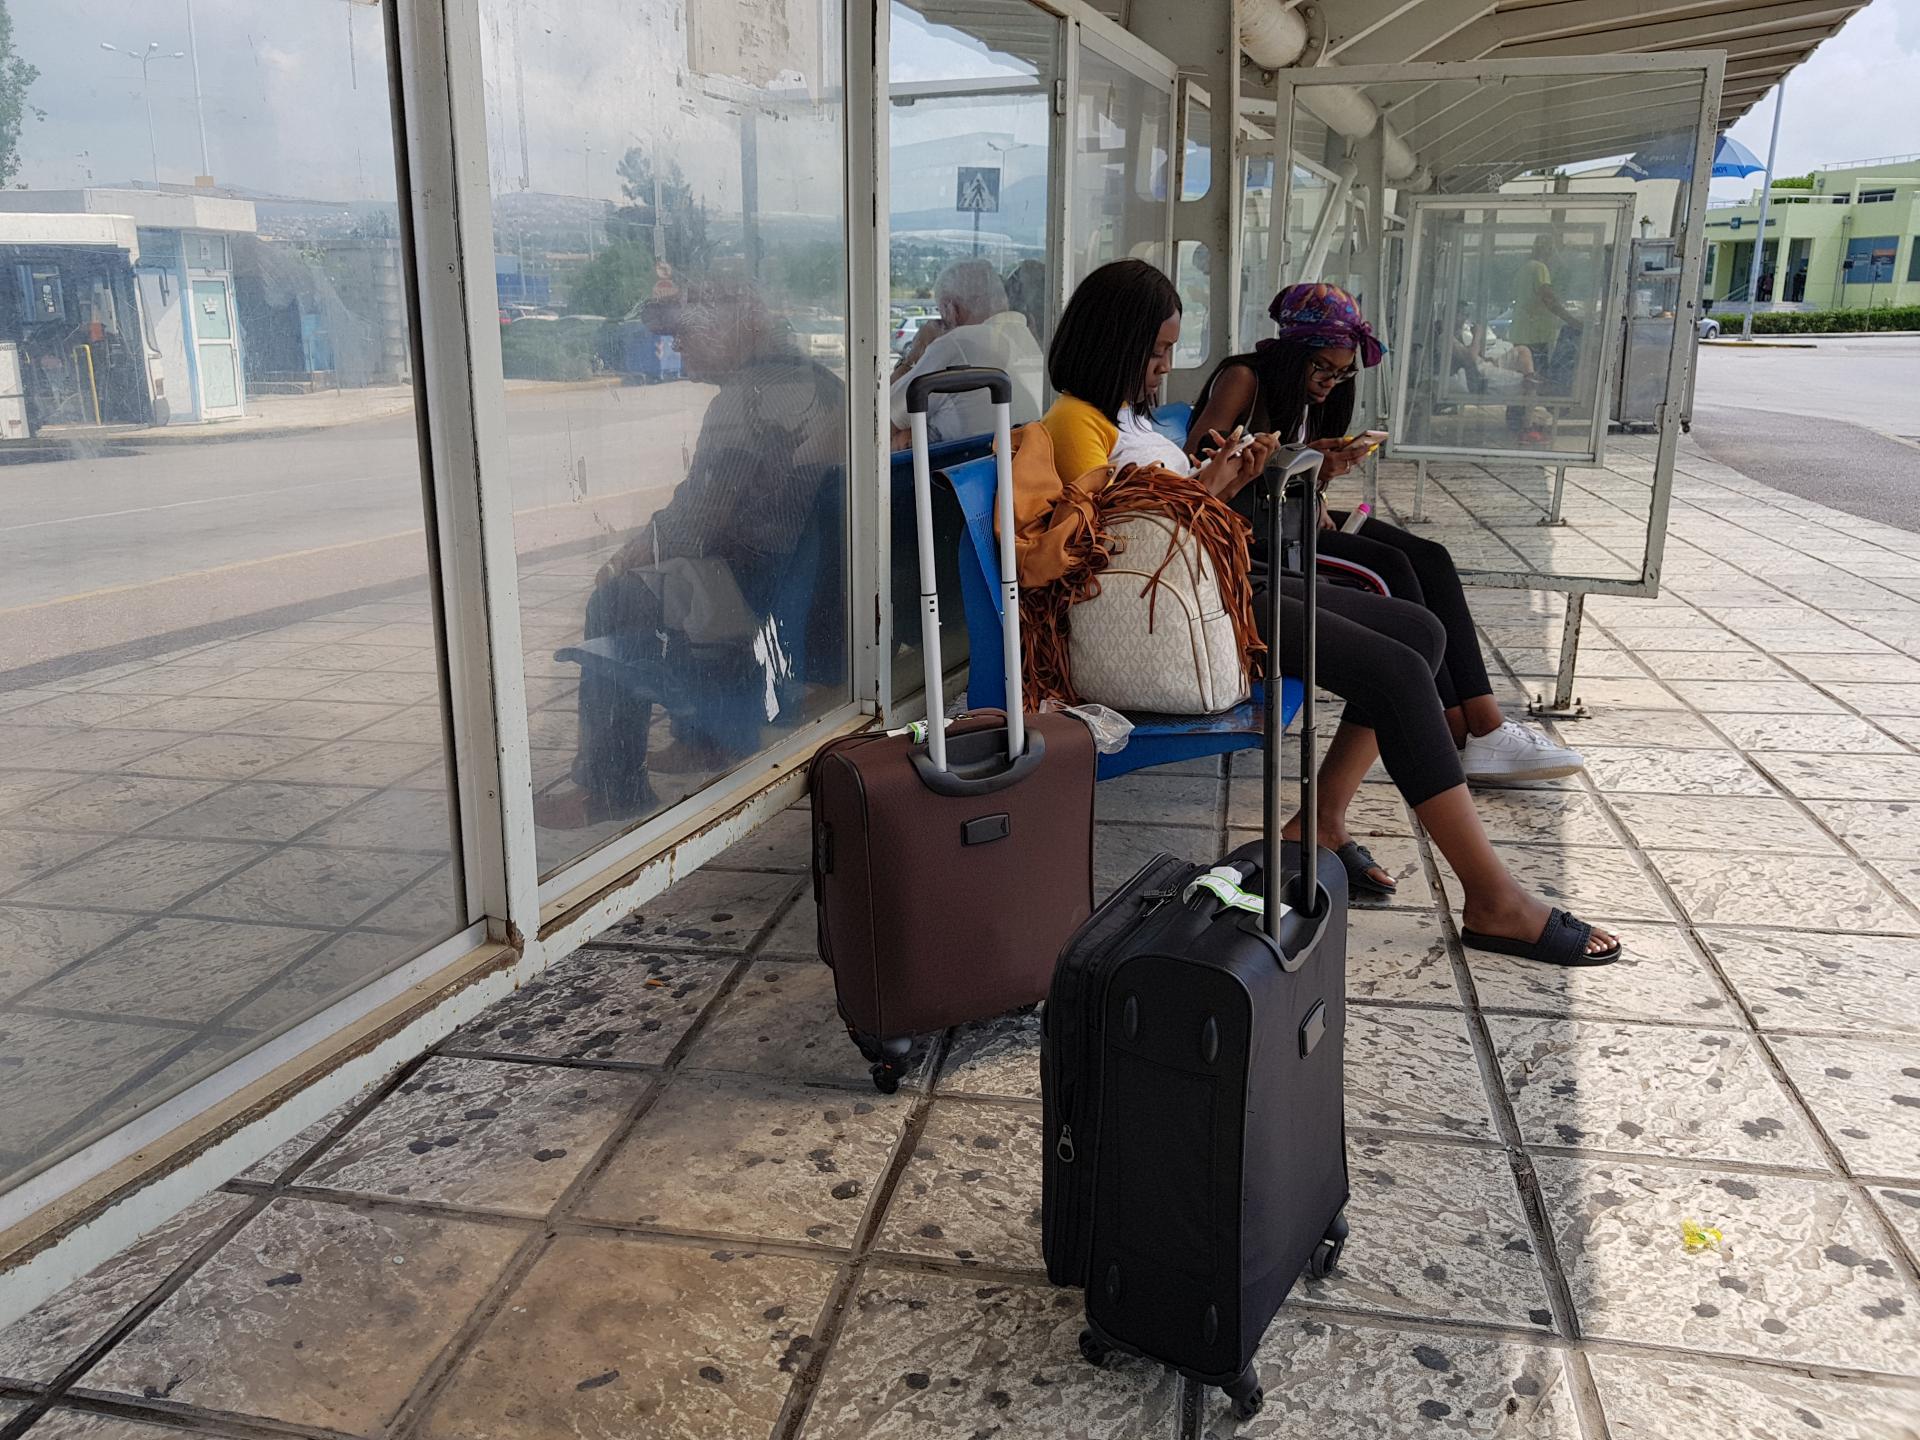 негритянки на остановке